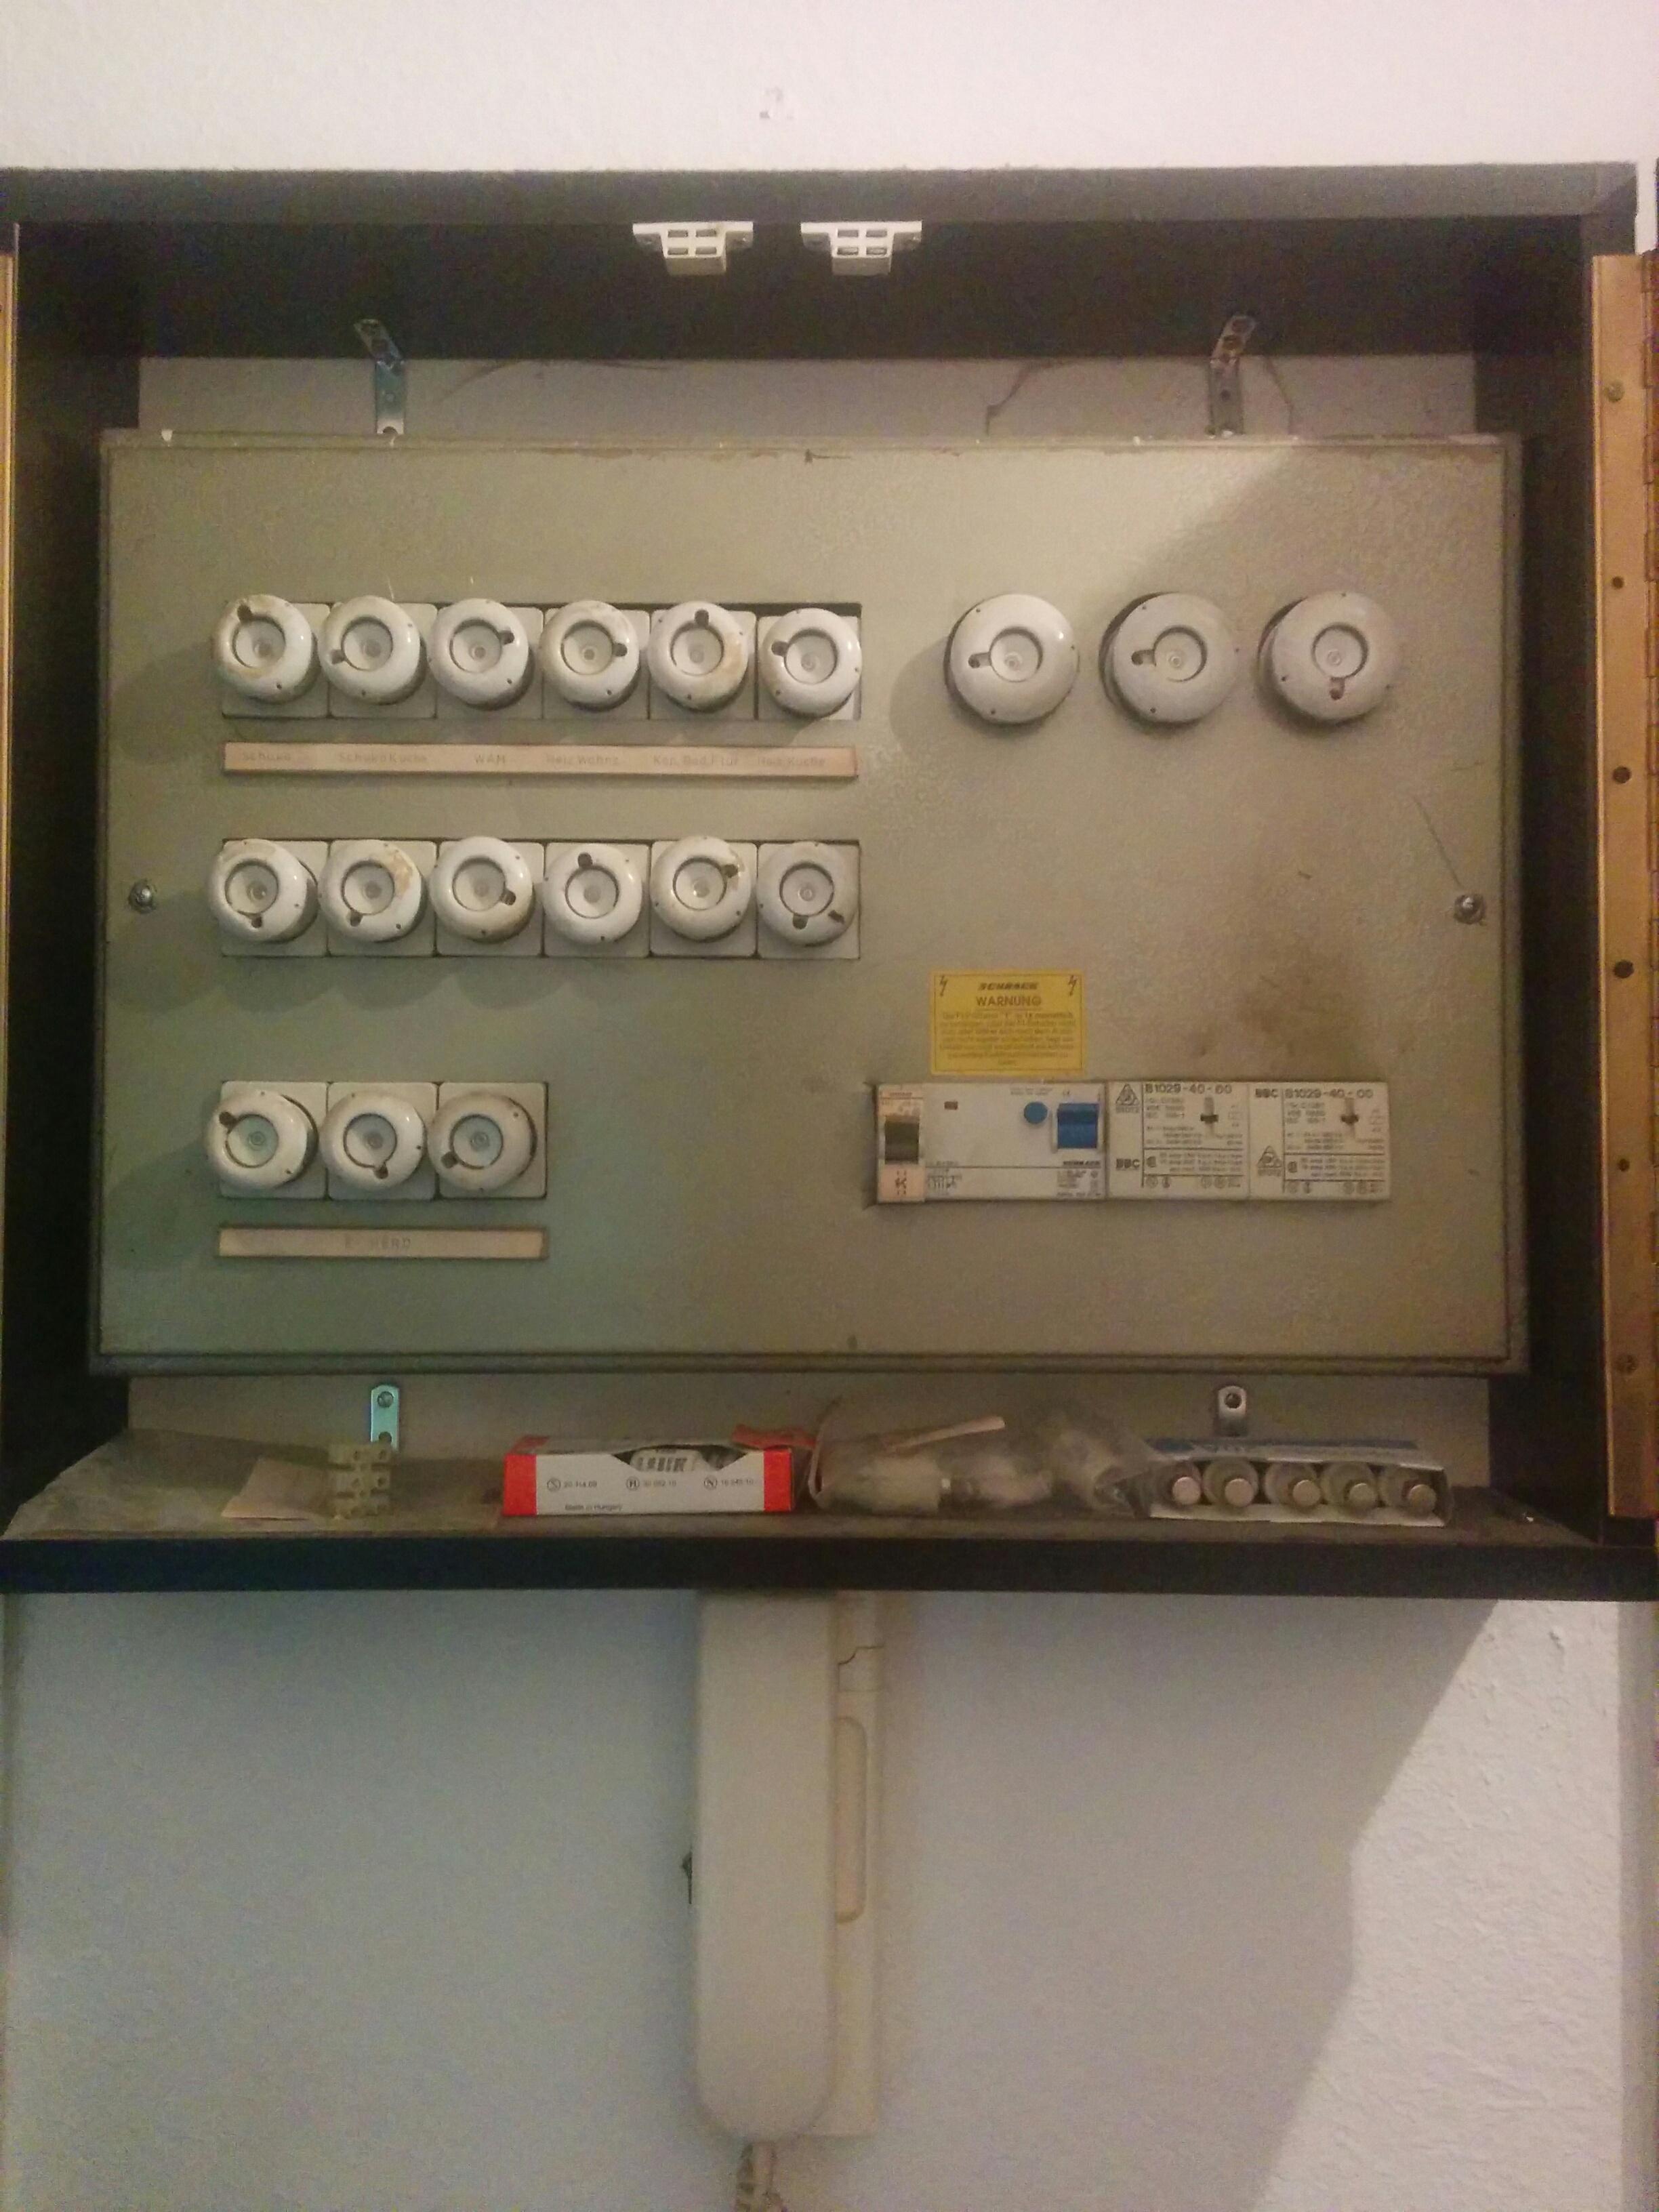 wie alt ist dieser sicherungskasten alter elektrik. Black Bedroom Furniture Sets. Home Design Ideas